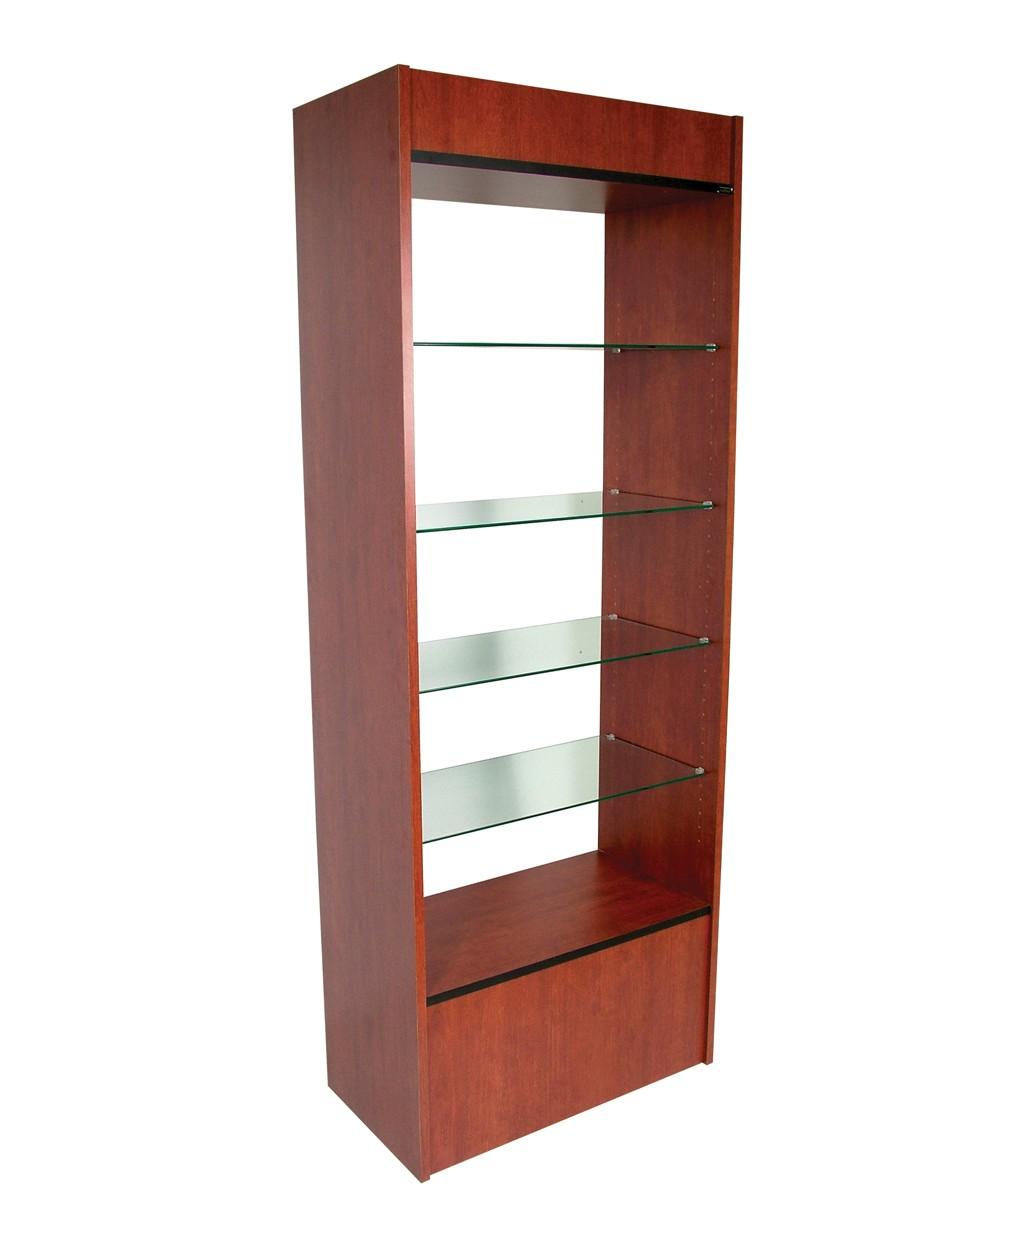 Collins QSE 494-30 Reve Retail Display Unit